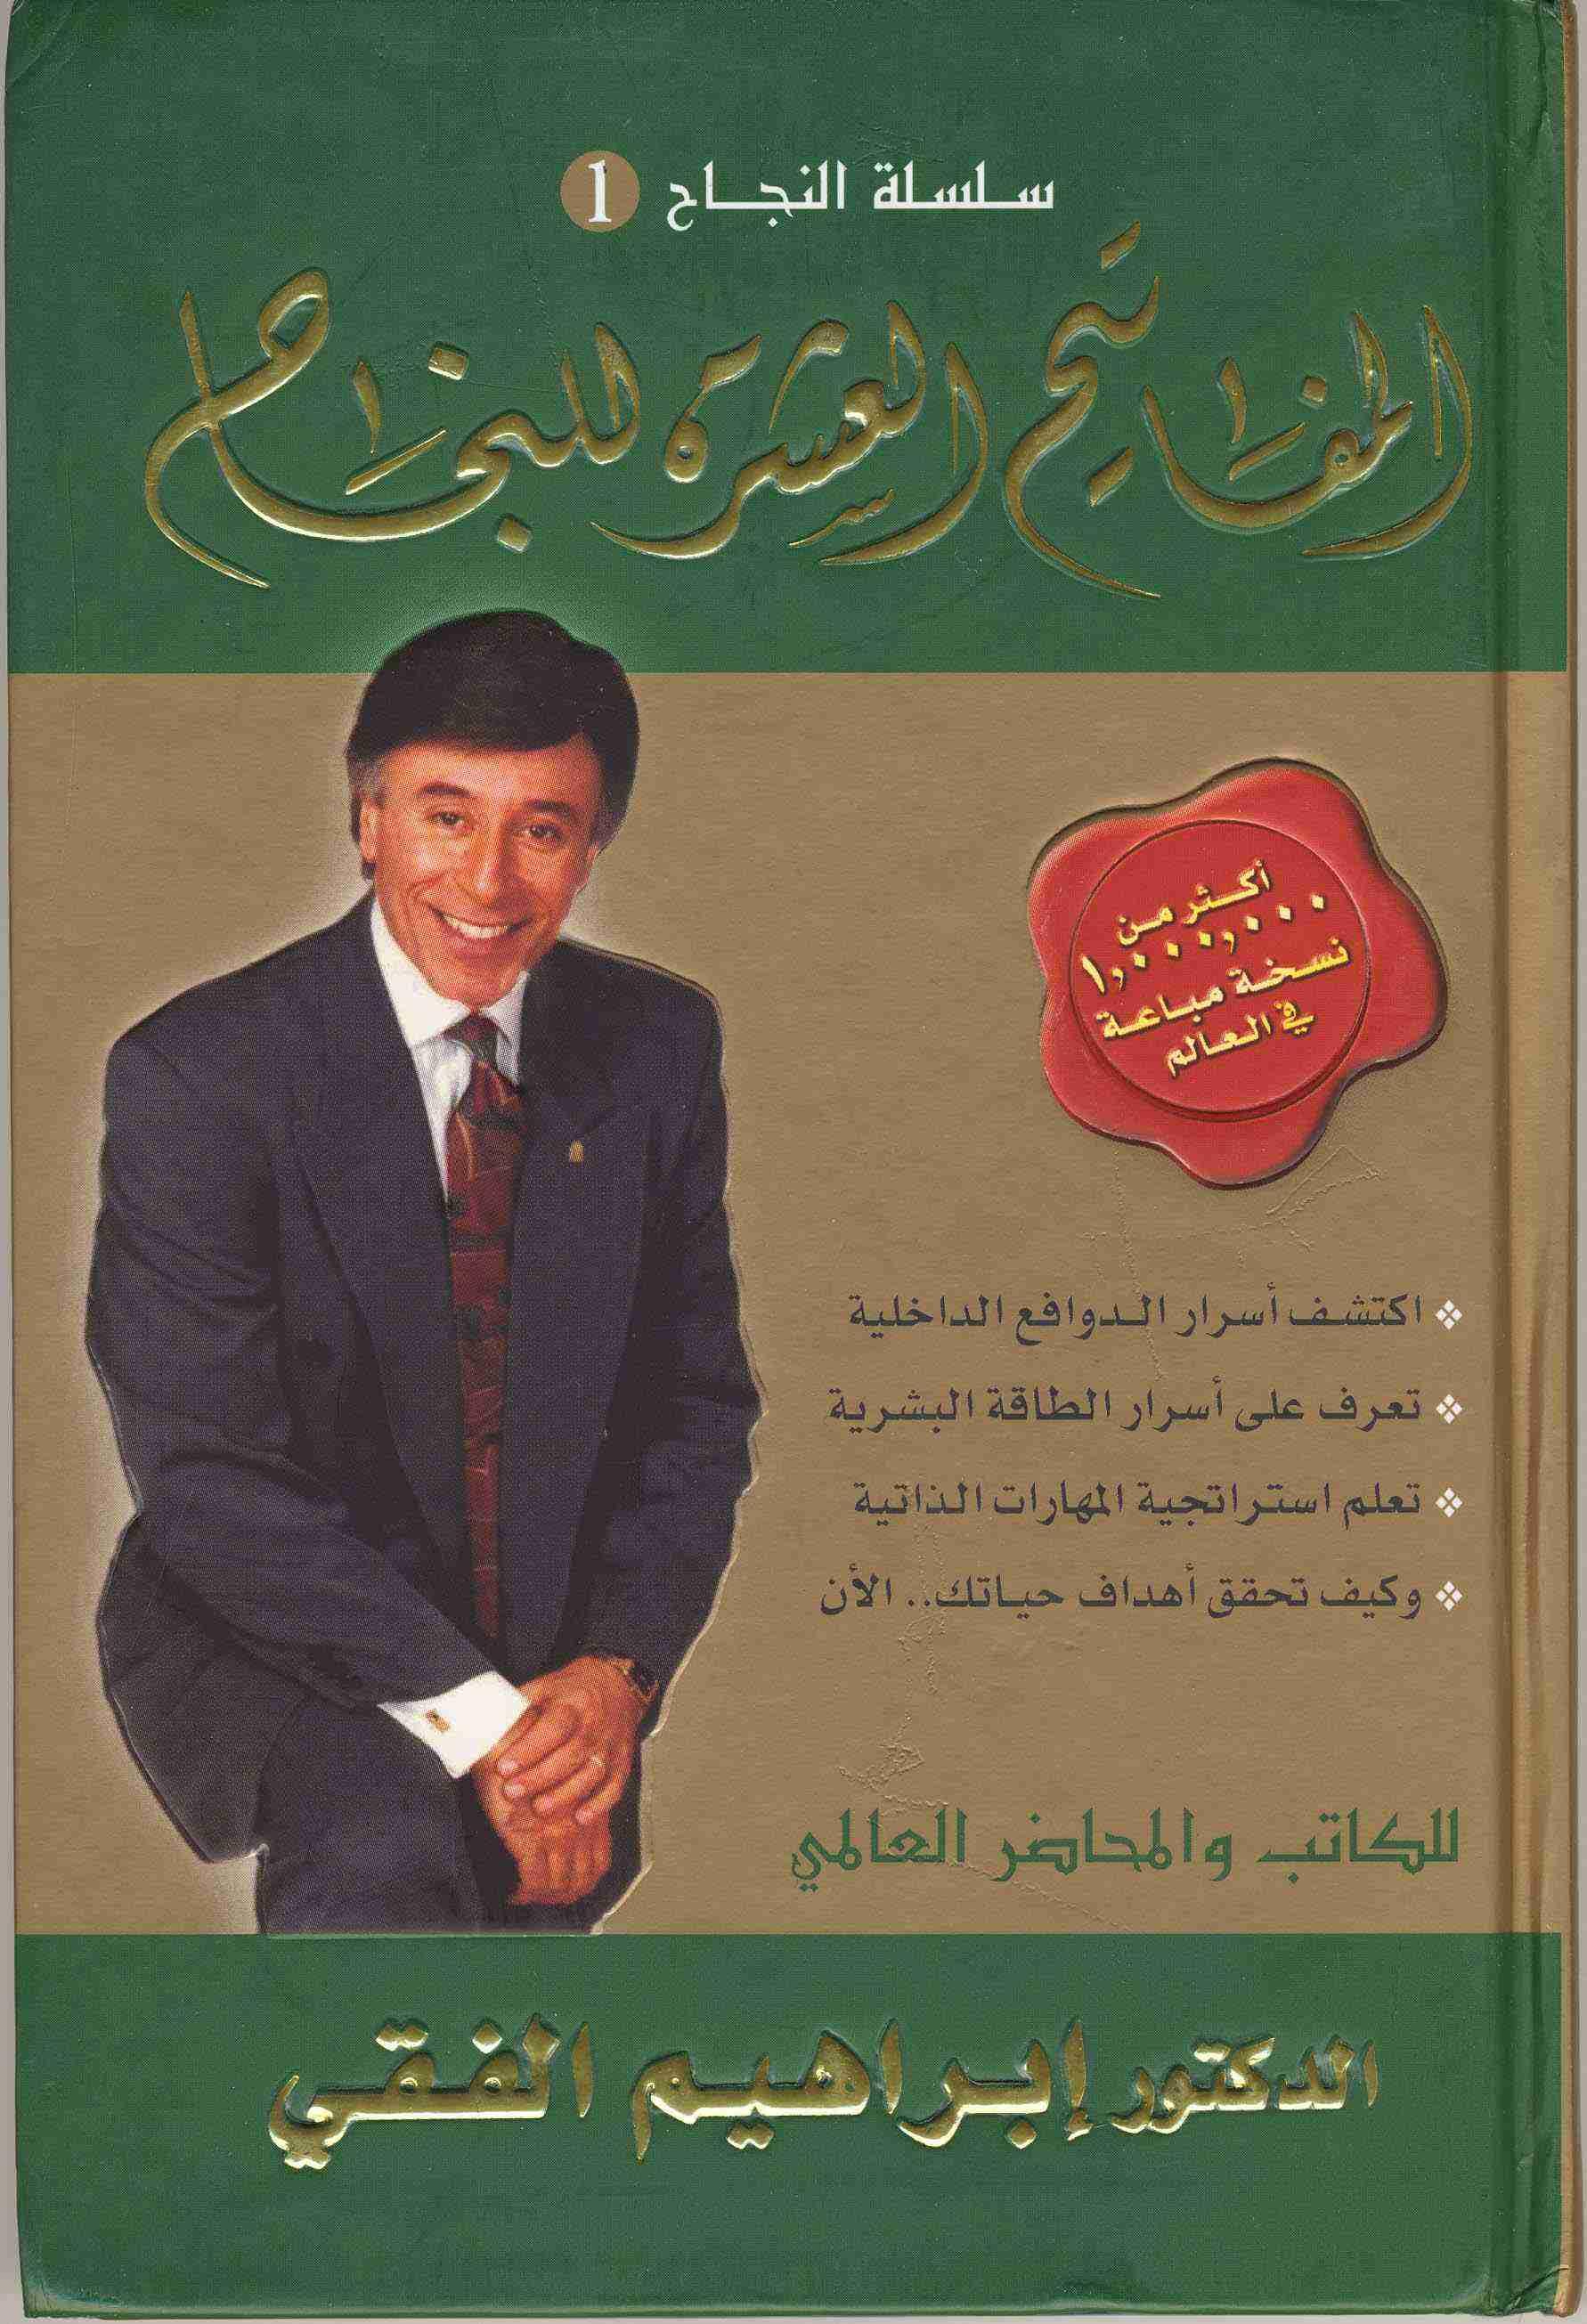 كتاب المفاتيح العشرة للنجاح لـ إبراهيم الفقي